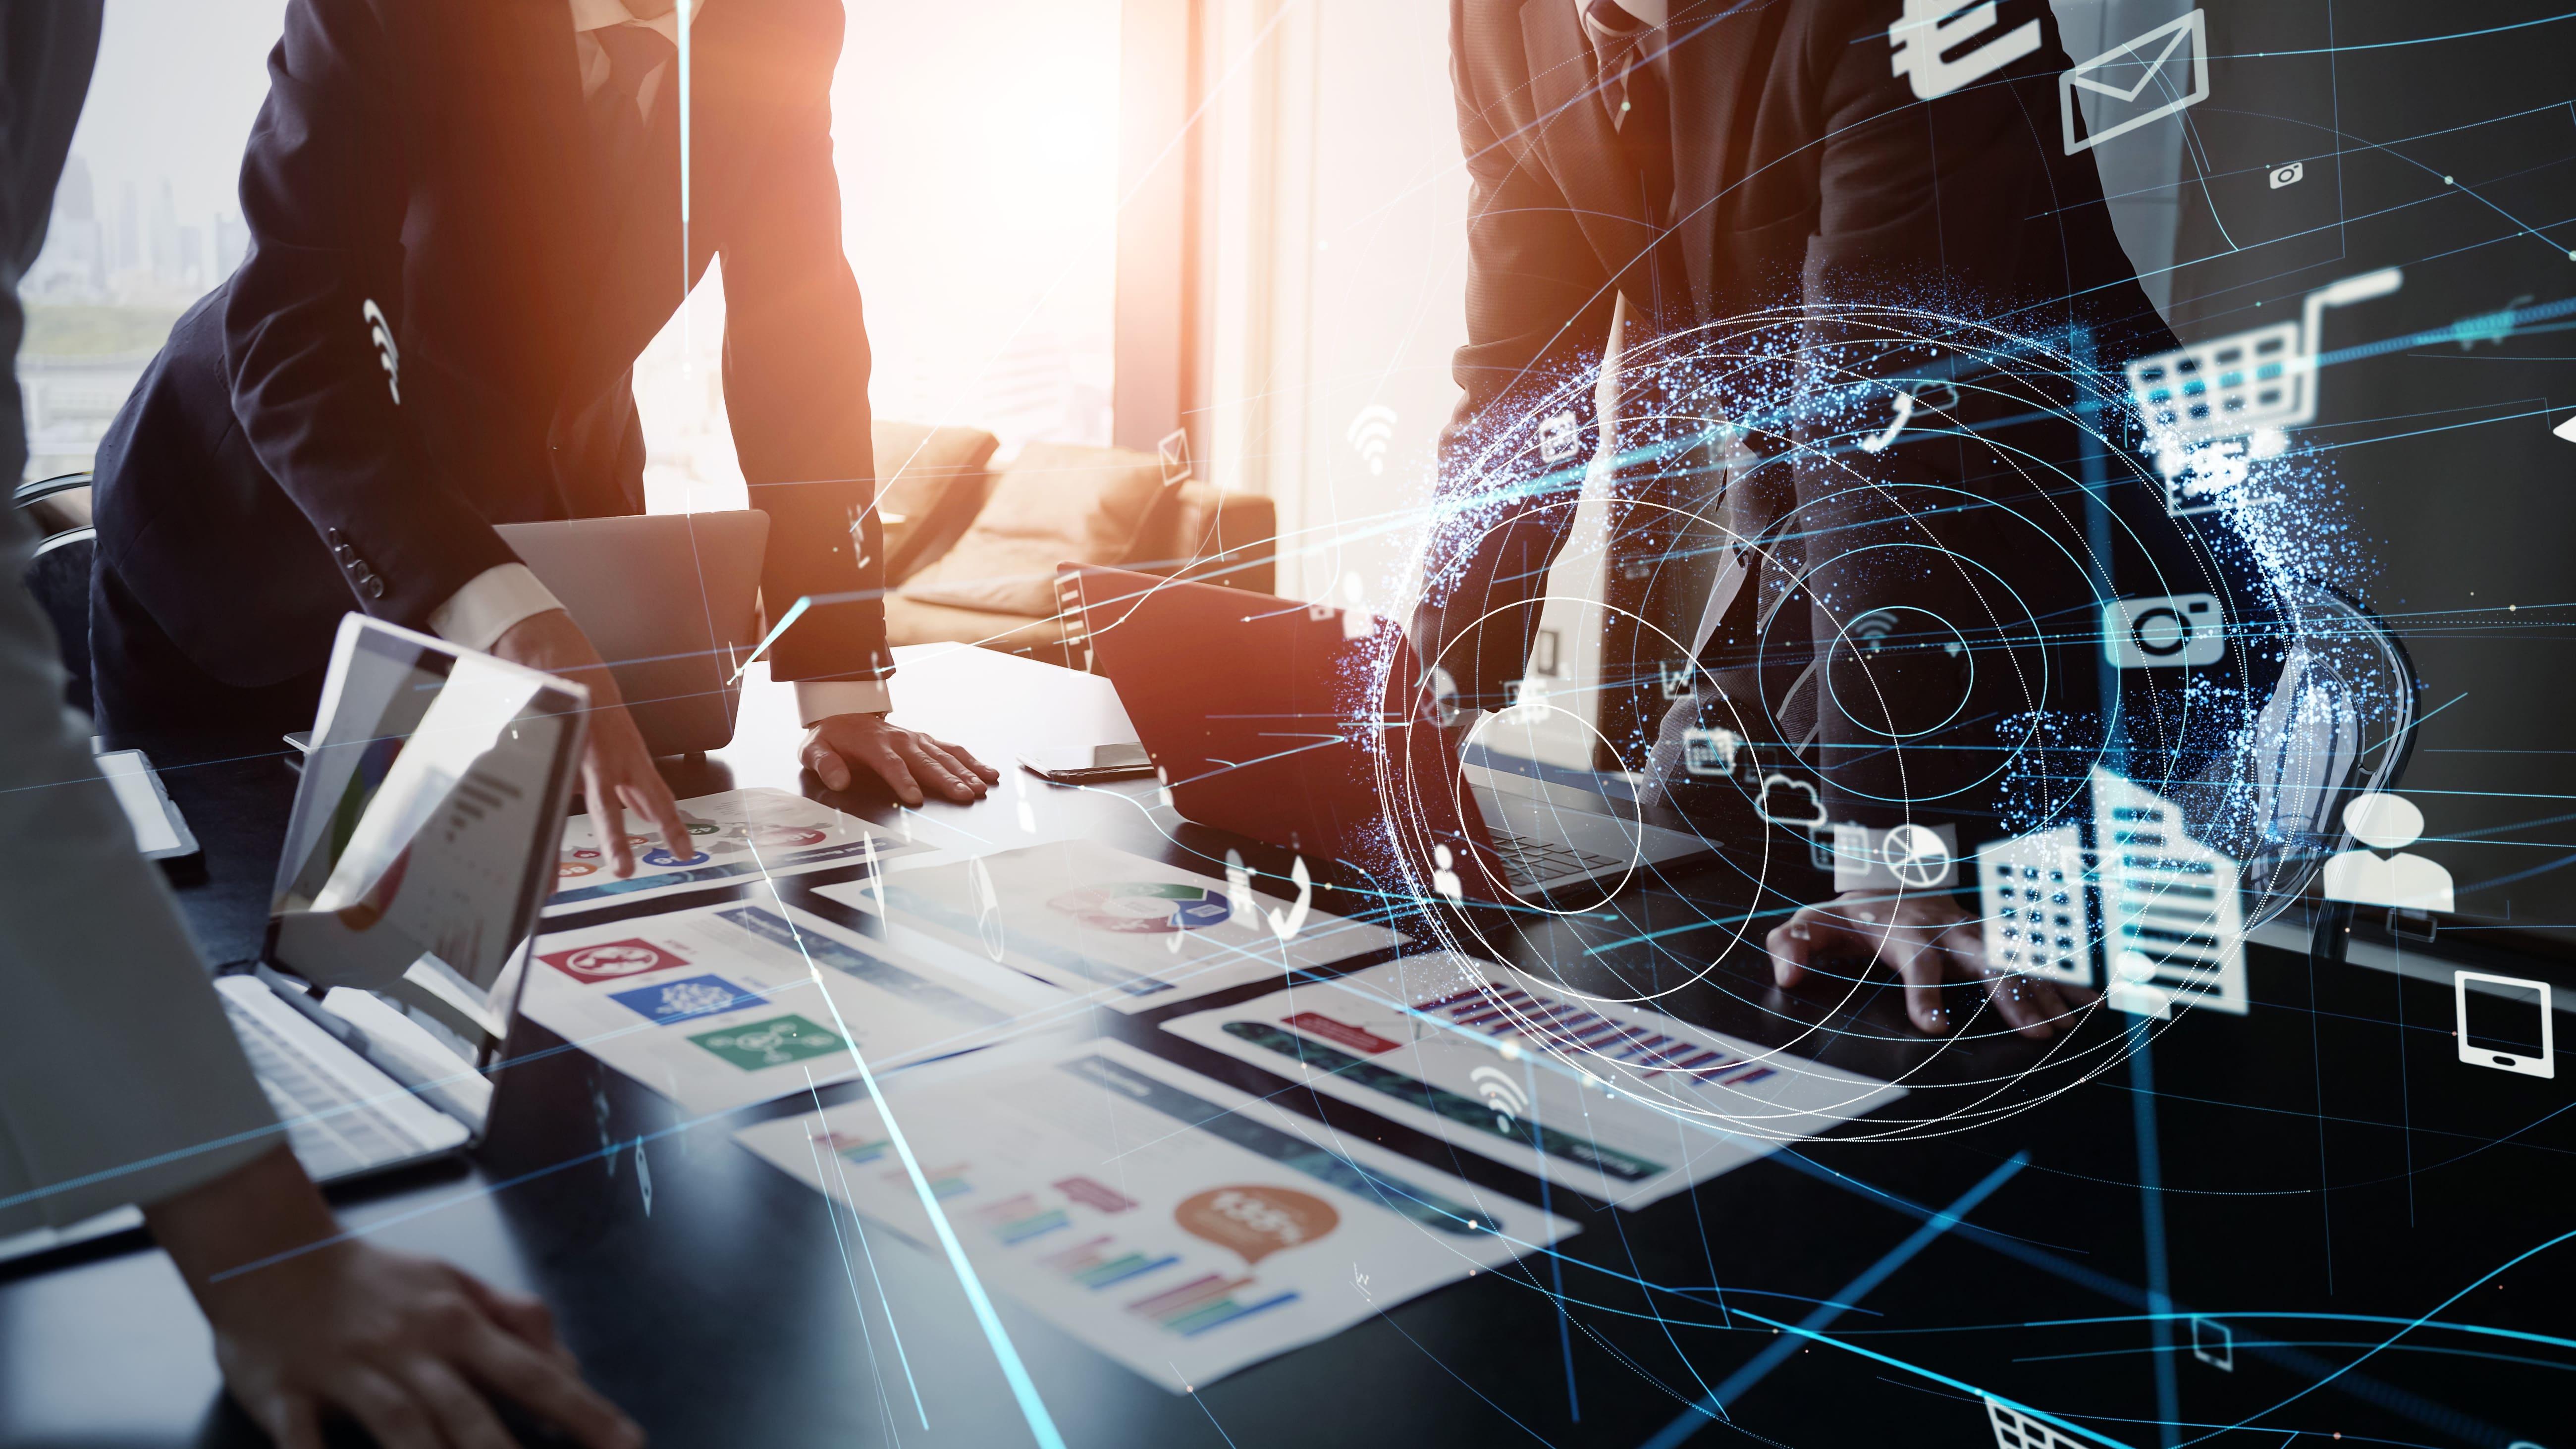 関西ビジネスインフォメーション株式会社における「HRBrain」の活用方法